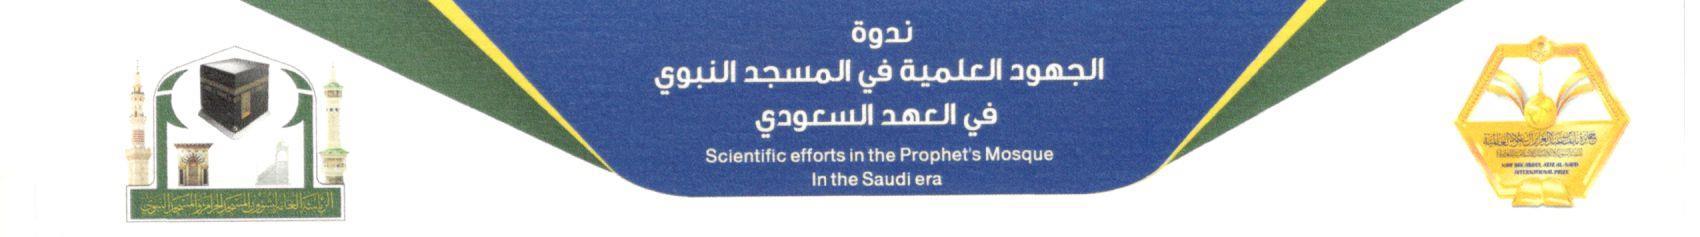 لأمين العام لجمعية أهل الحديث في الهند: للمملكة العربية السعودية دور بارز في تحقيق رسالة الإسلام وتبيان وسطيته واعتداله